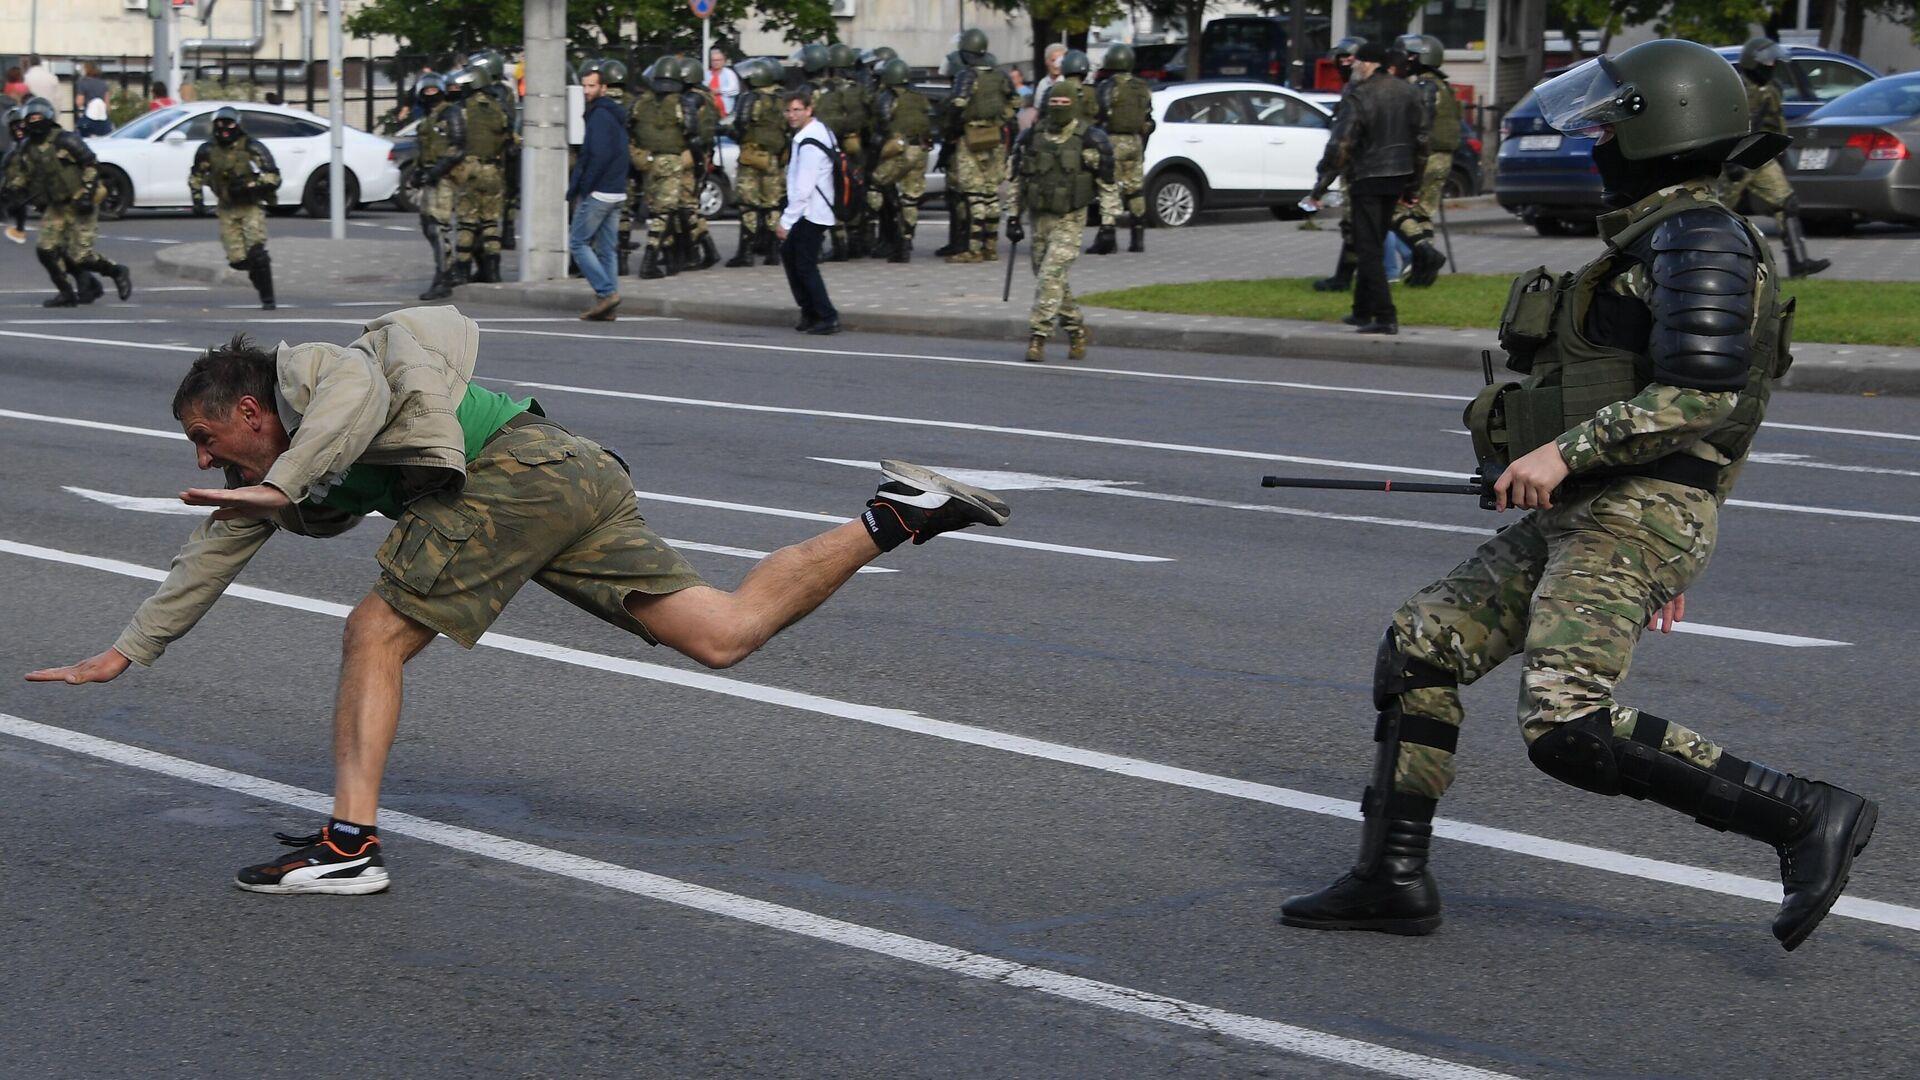 Сотрудник правоохранительных органов задерживает участника несанкционированной акции протеста в Минске - РИА Новости, 1920, 14.09.2020